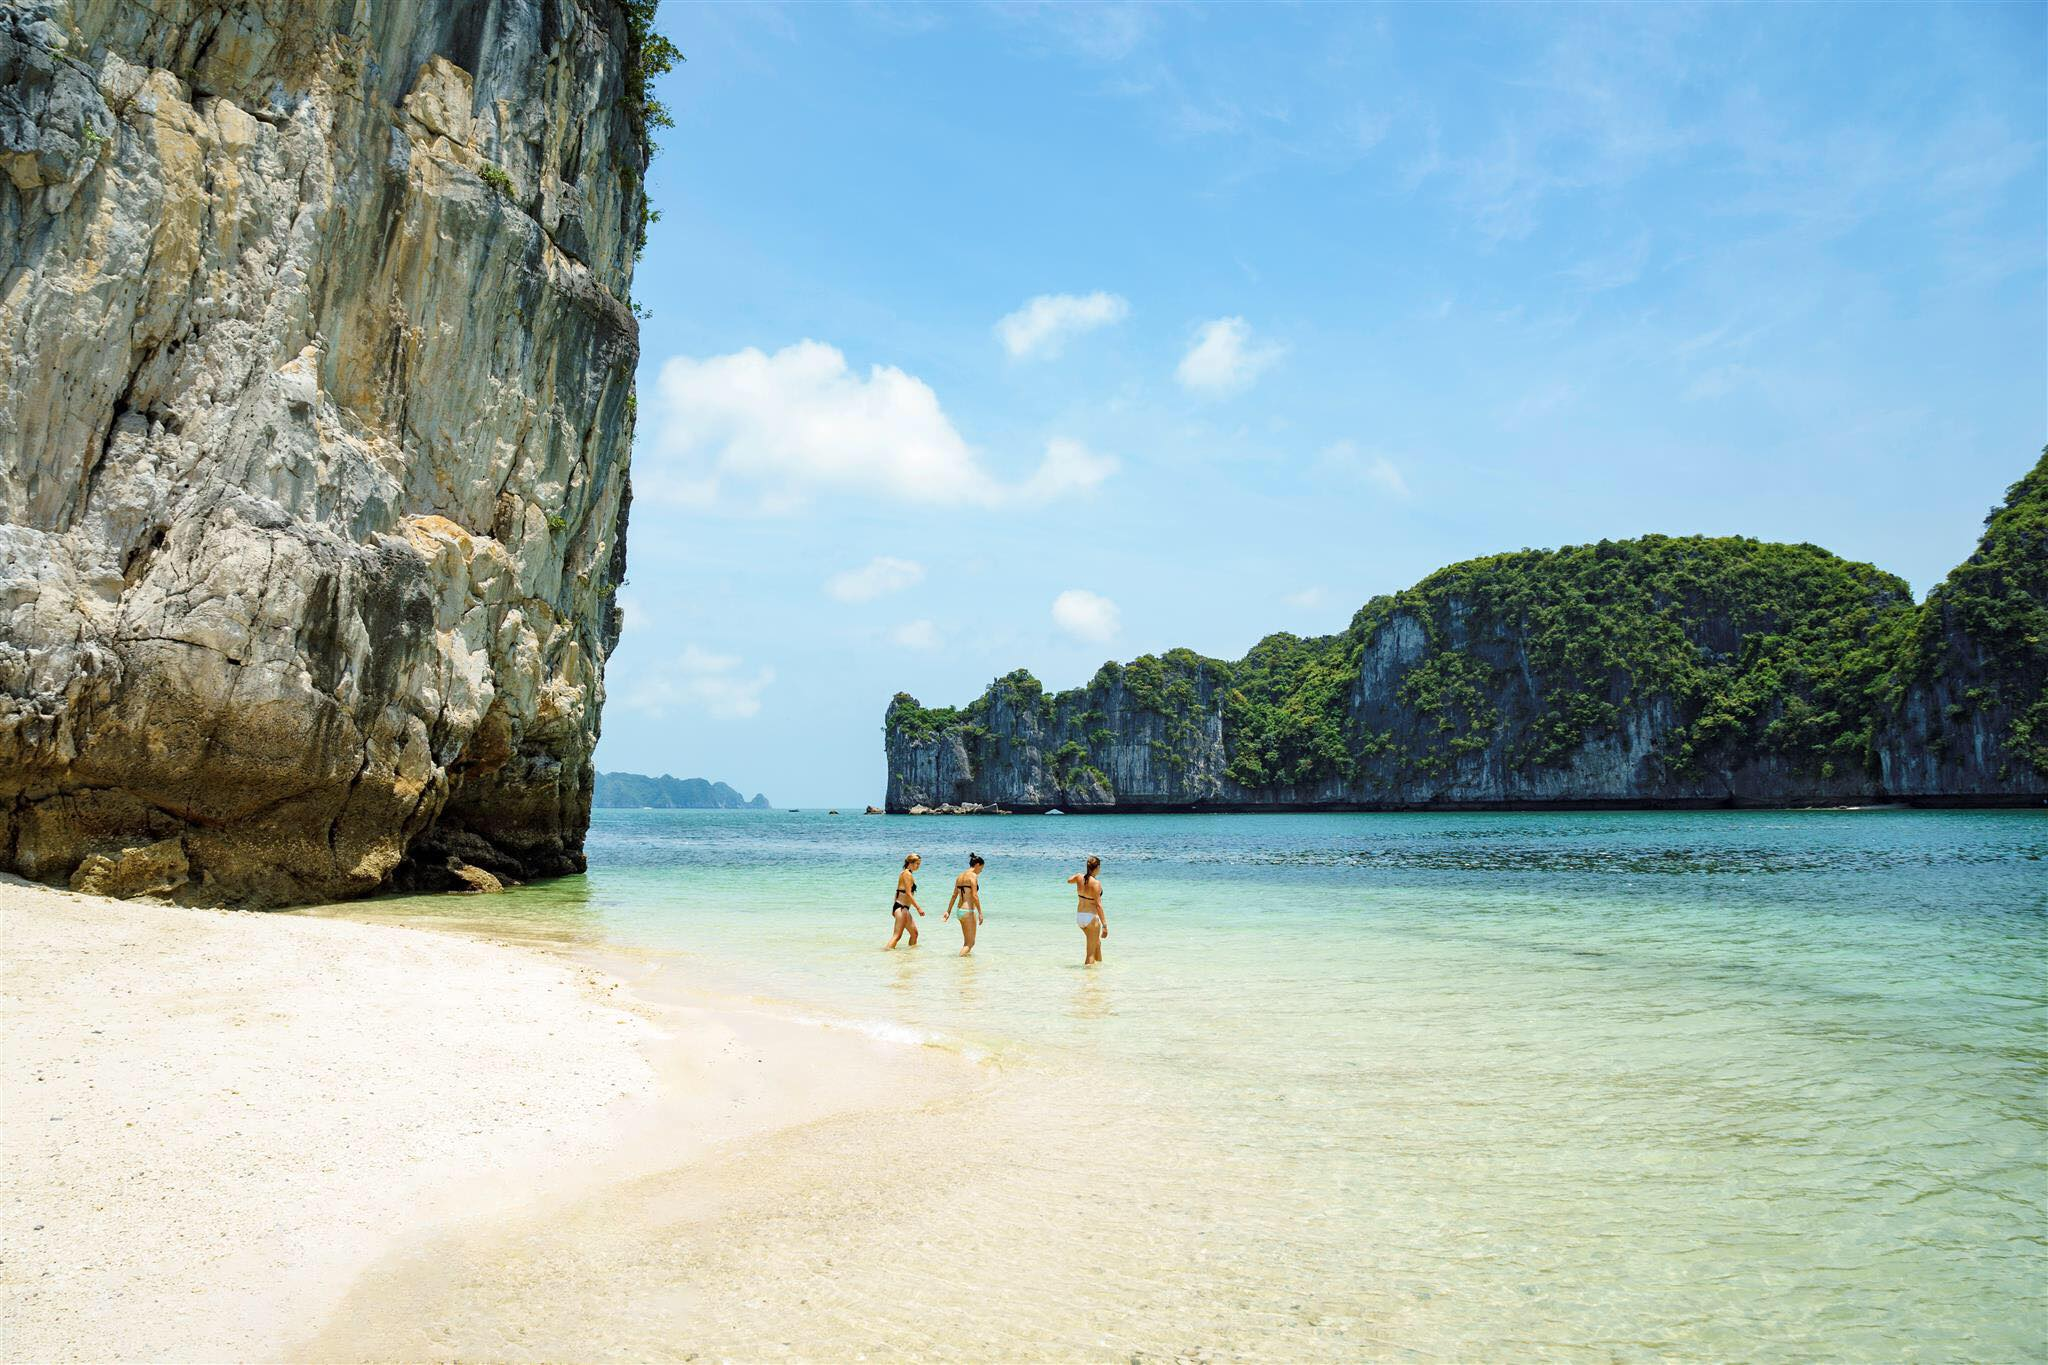 Kết quả hình ảnh cho Luxury cruise (Ha Long Bay and Bai Tu Long Bay)